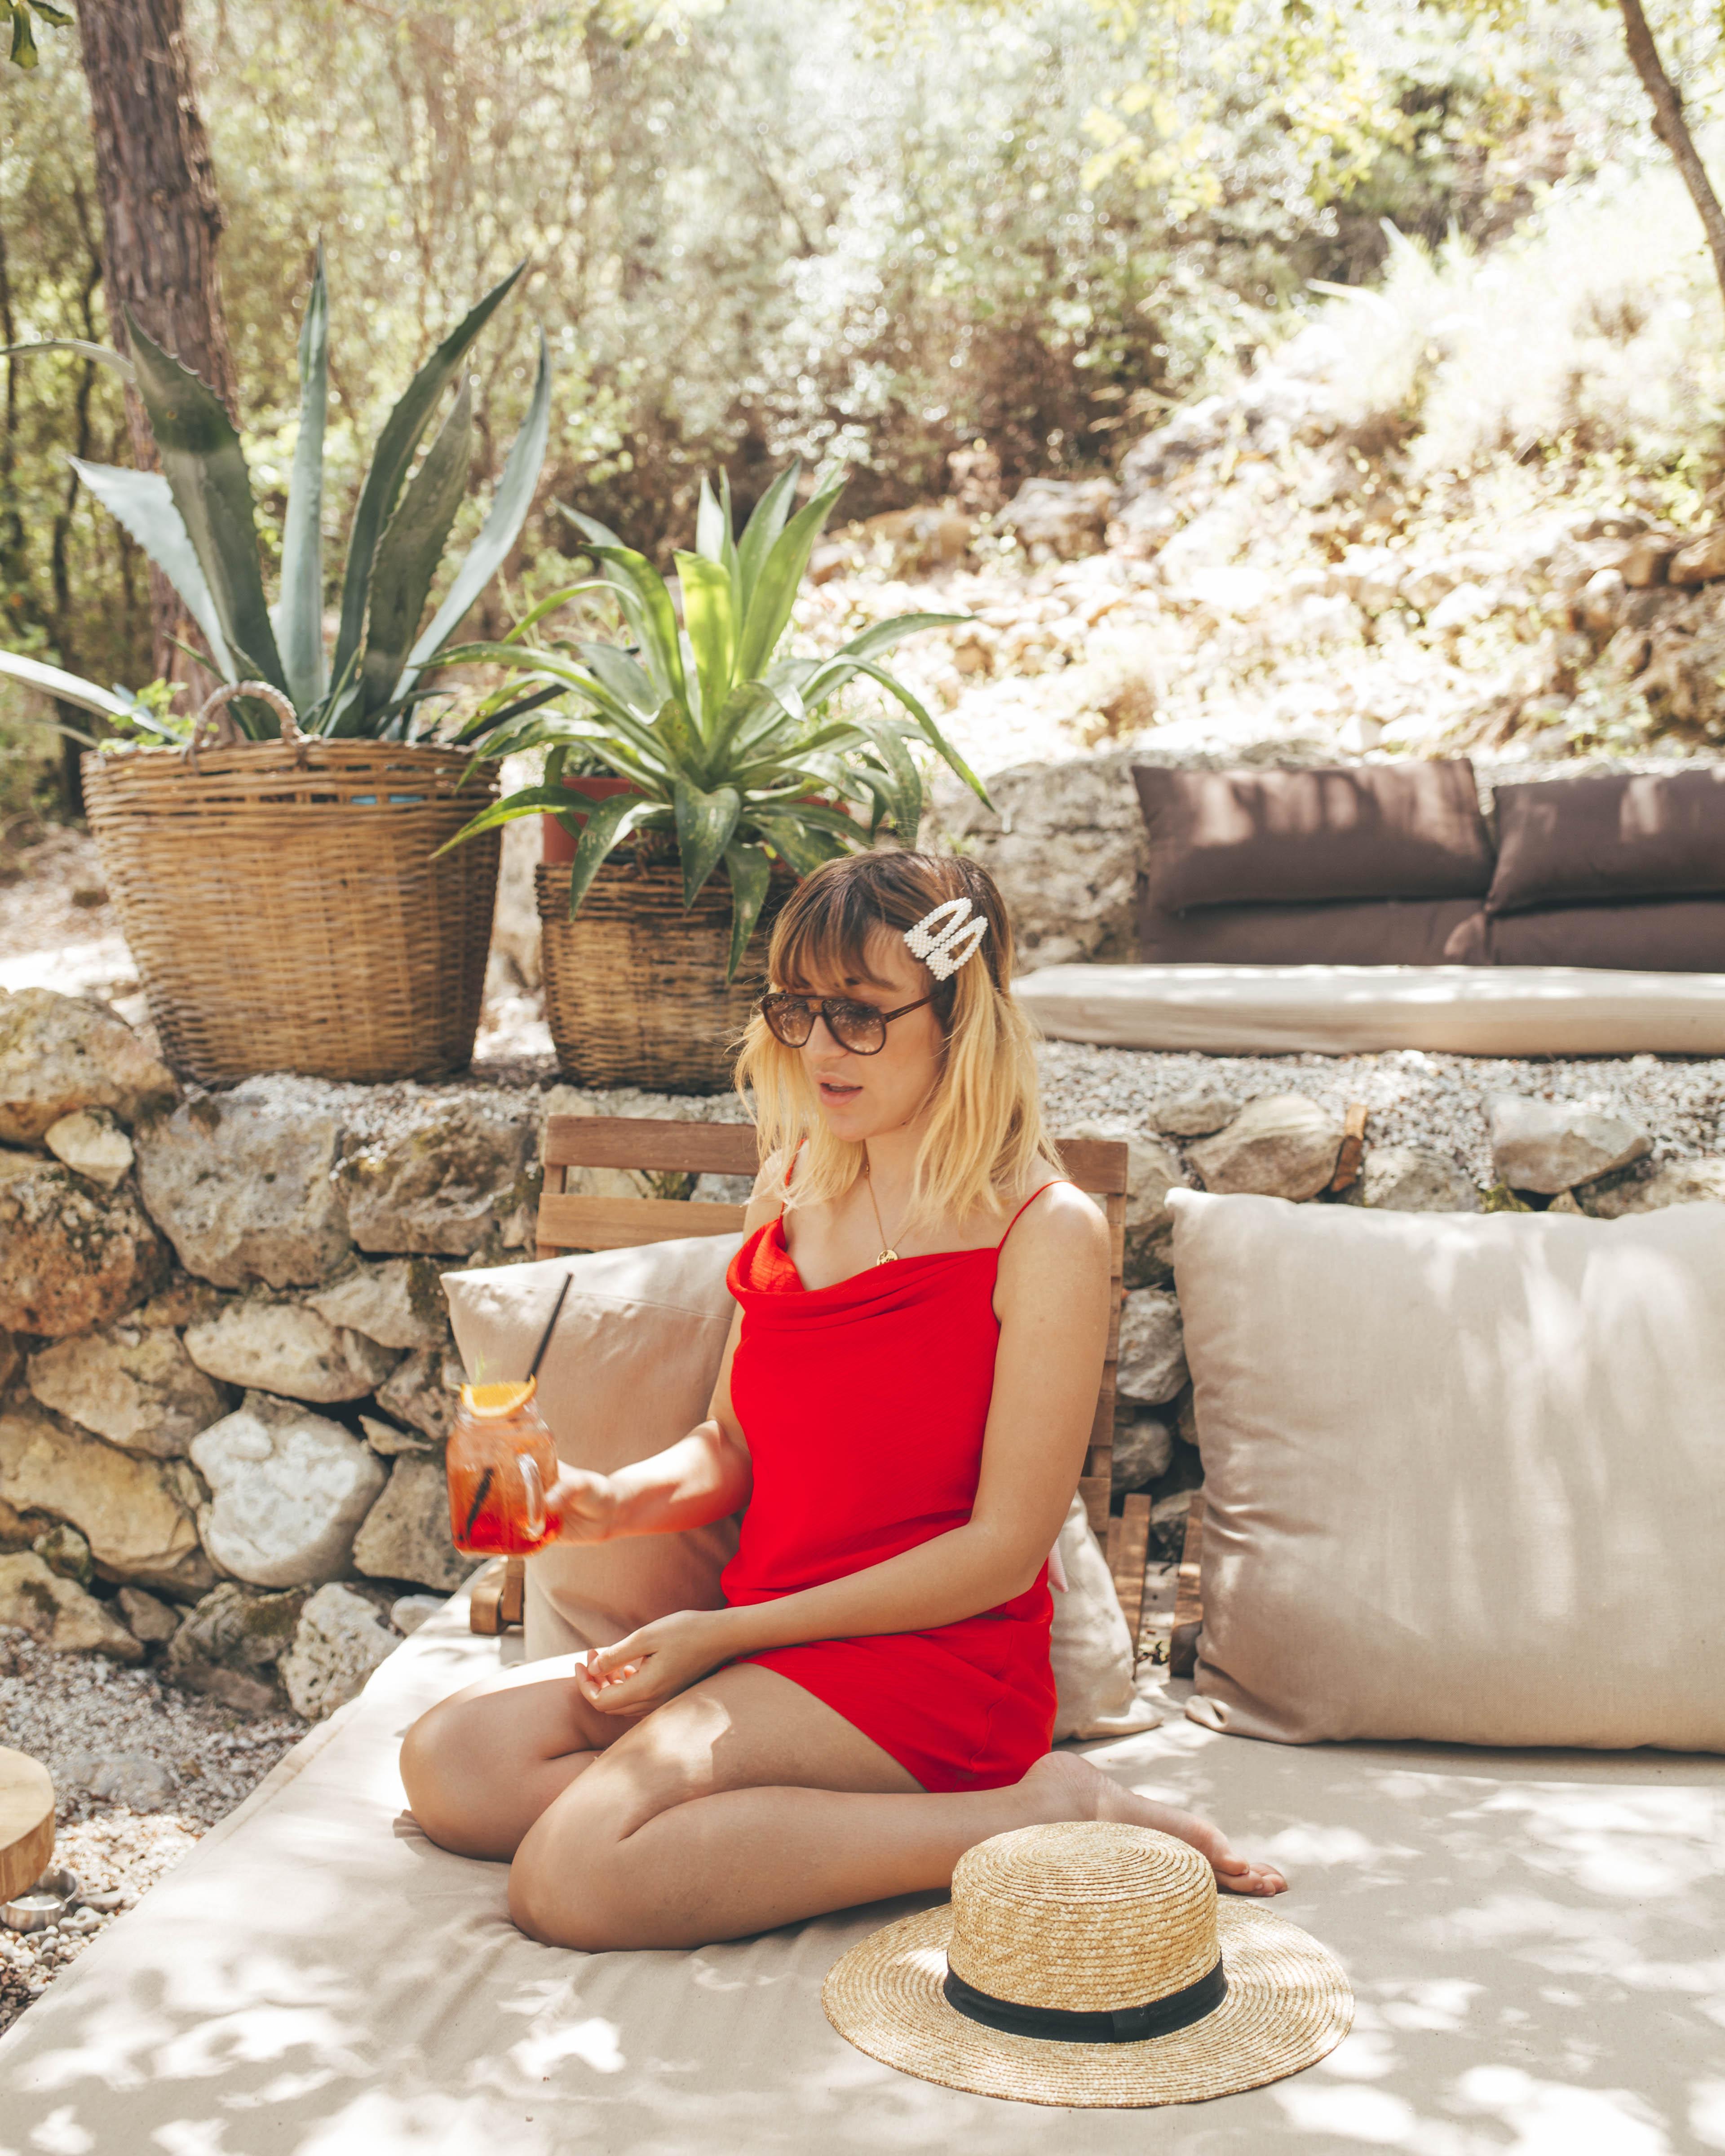 Dalaman Turkey Holidays - Hillside Beach Club serenity beach